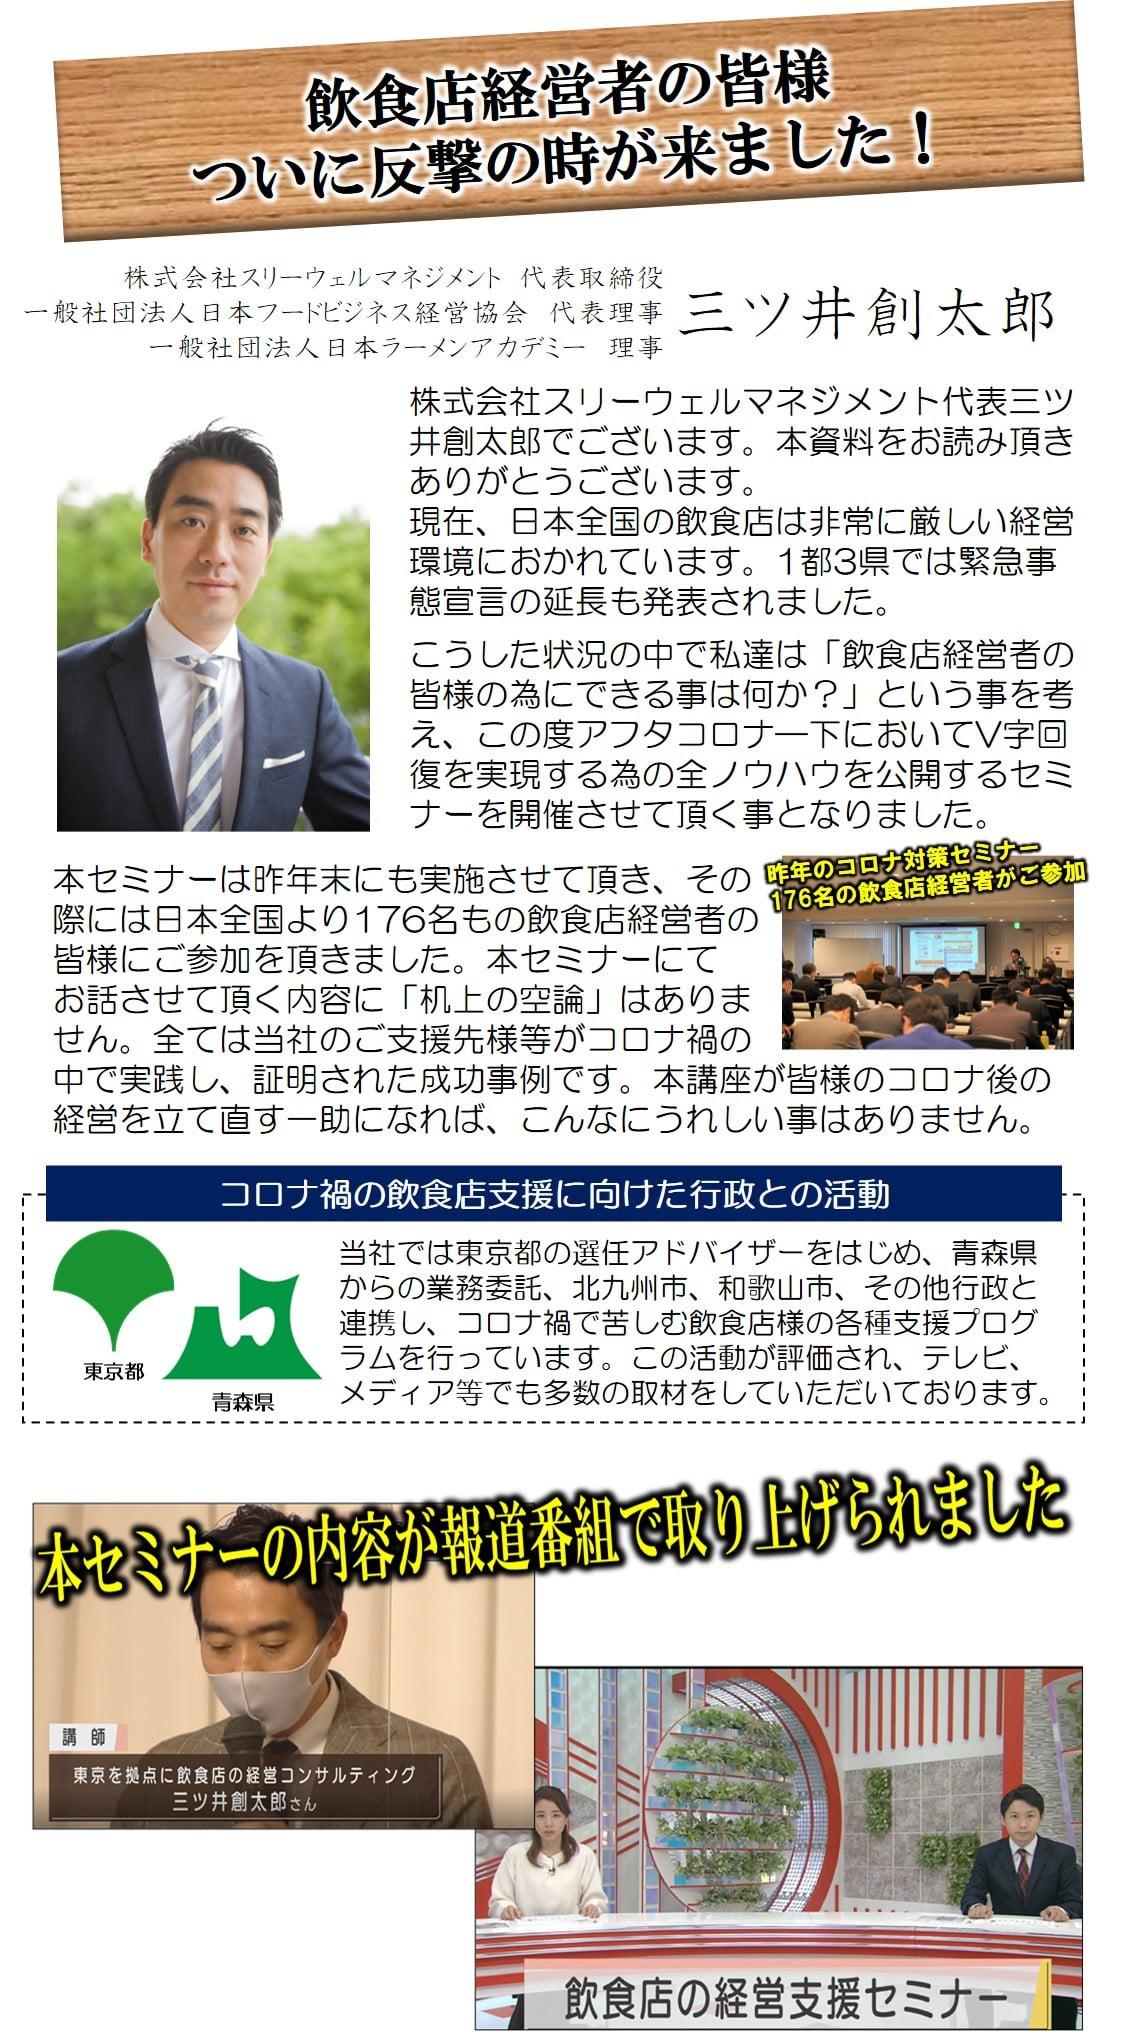 弊社代表三ツ井創太郎からのメッセージ